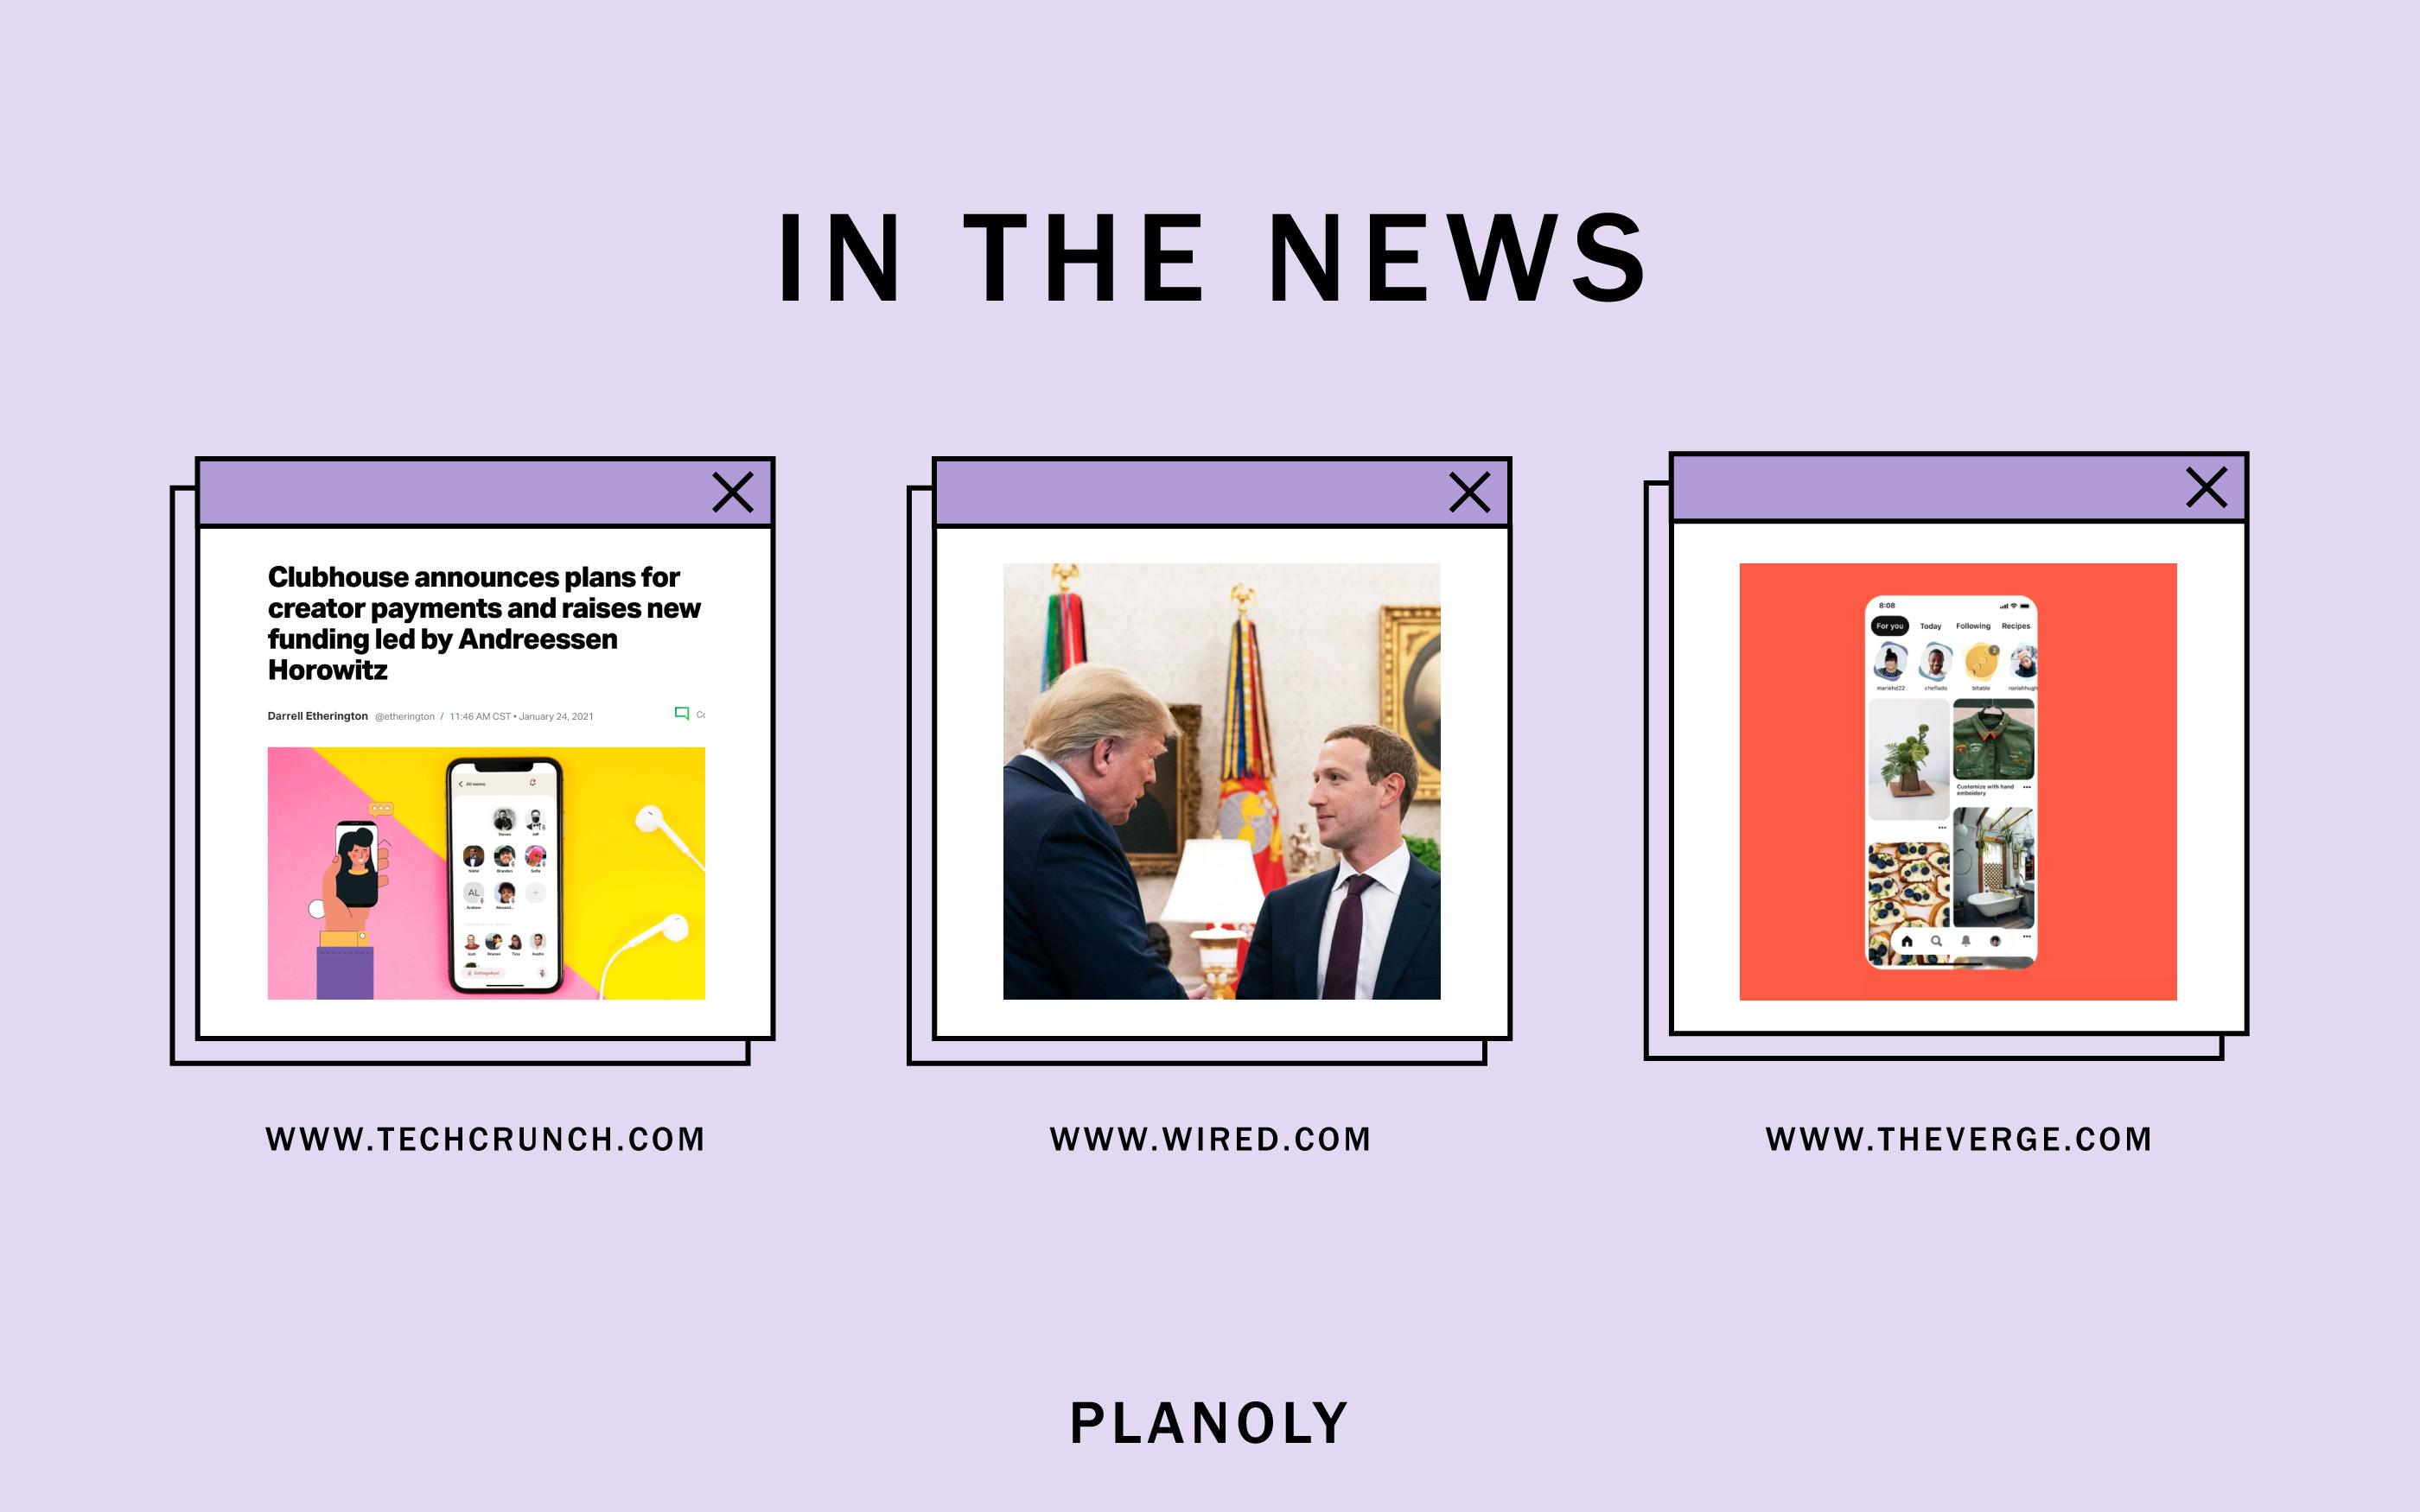 PLANOLY - Blog Post - Social Sphere - Week of 1.25.21 - Image 1